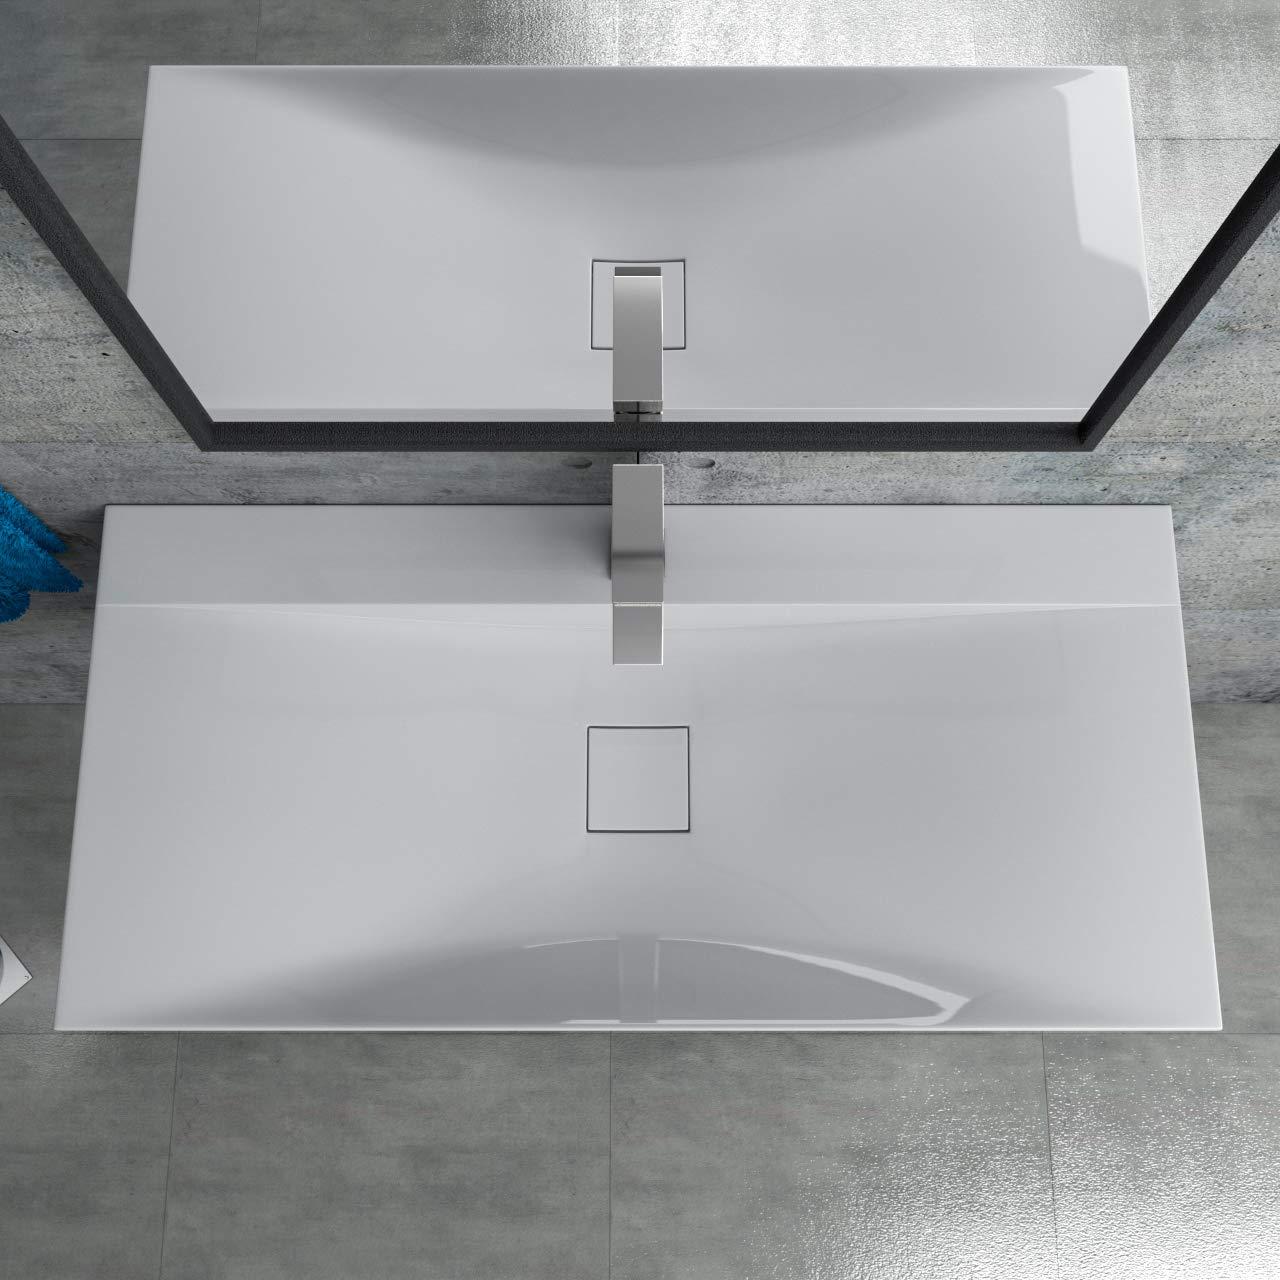 Mineralguss Waschtisch Waschbecken Aufsatzwaschtisch 100x48x10cm CLS810-1000